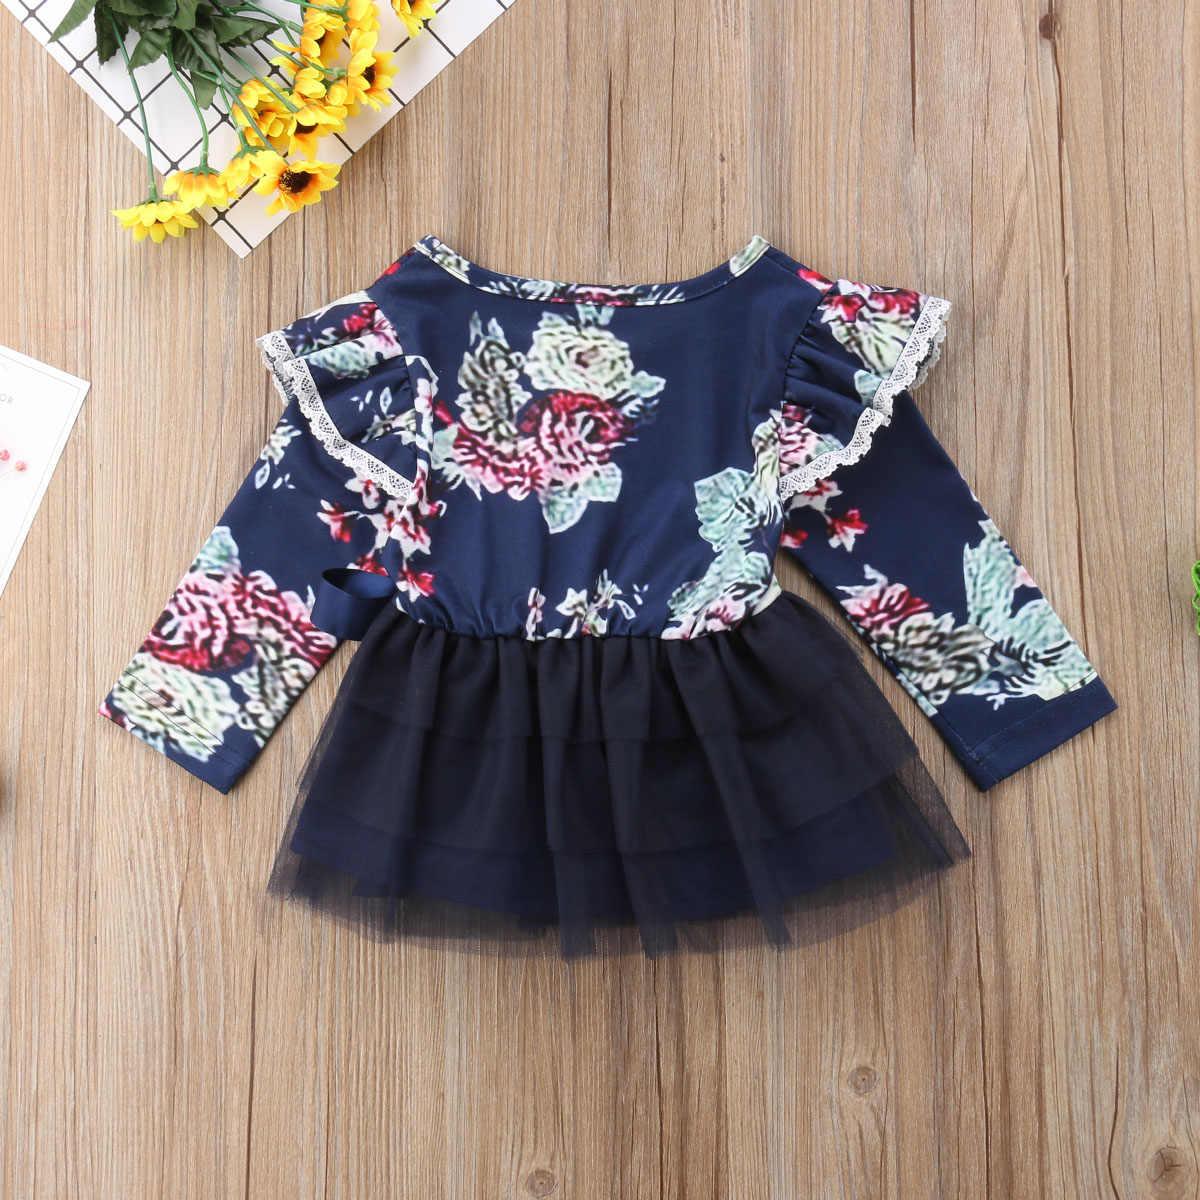 e369cf1ef2b15 Big/Little Sister Matching Dress Newborn Baby Girl Floral Ruffle Long  Sleeve Tulle Dress High Waist Dresses Outfits